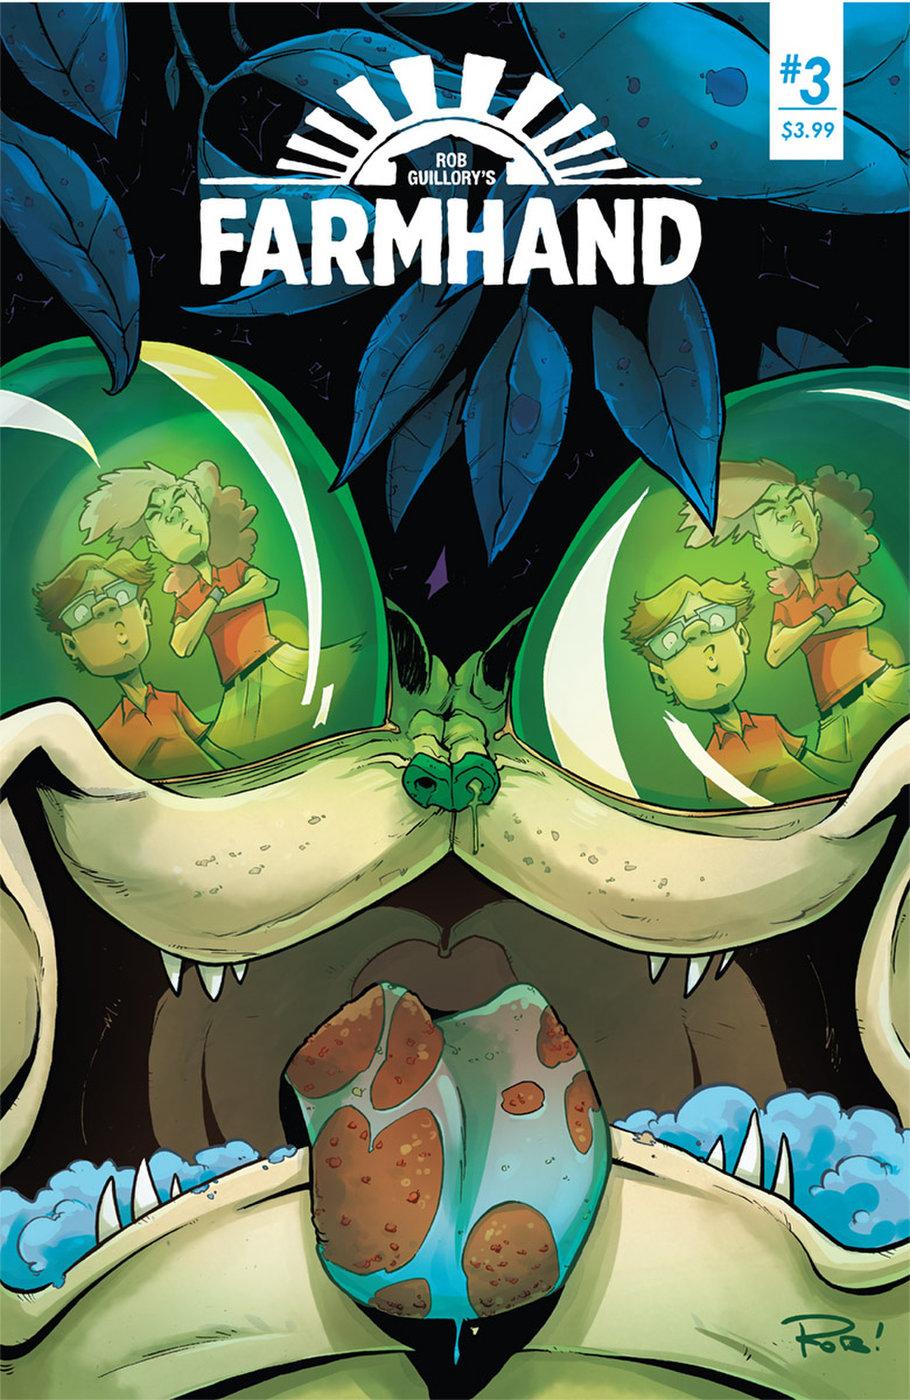 Farmhands pounding